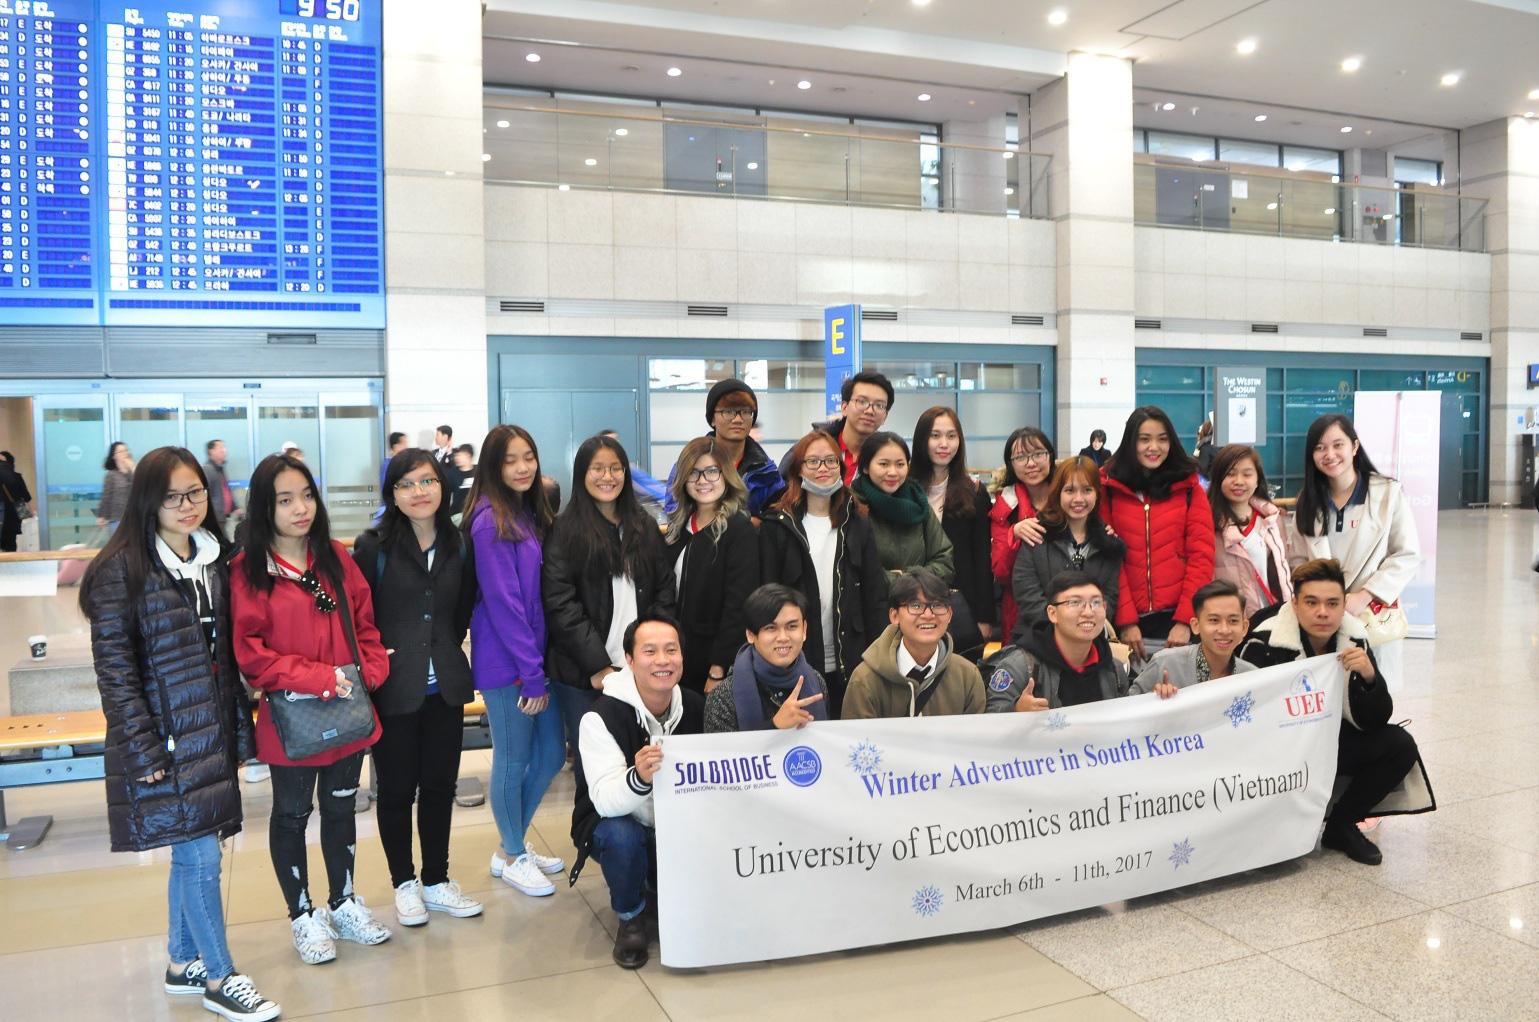 """Mê """"Oppa"""", yêu món kim chi, thích du lịch Hàn, có nên học Ngôn ngữ Hàn Quốc? - Ảnh 2."""